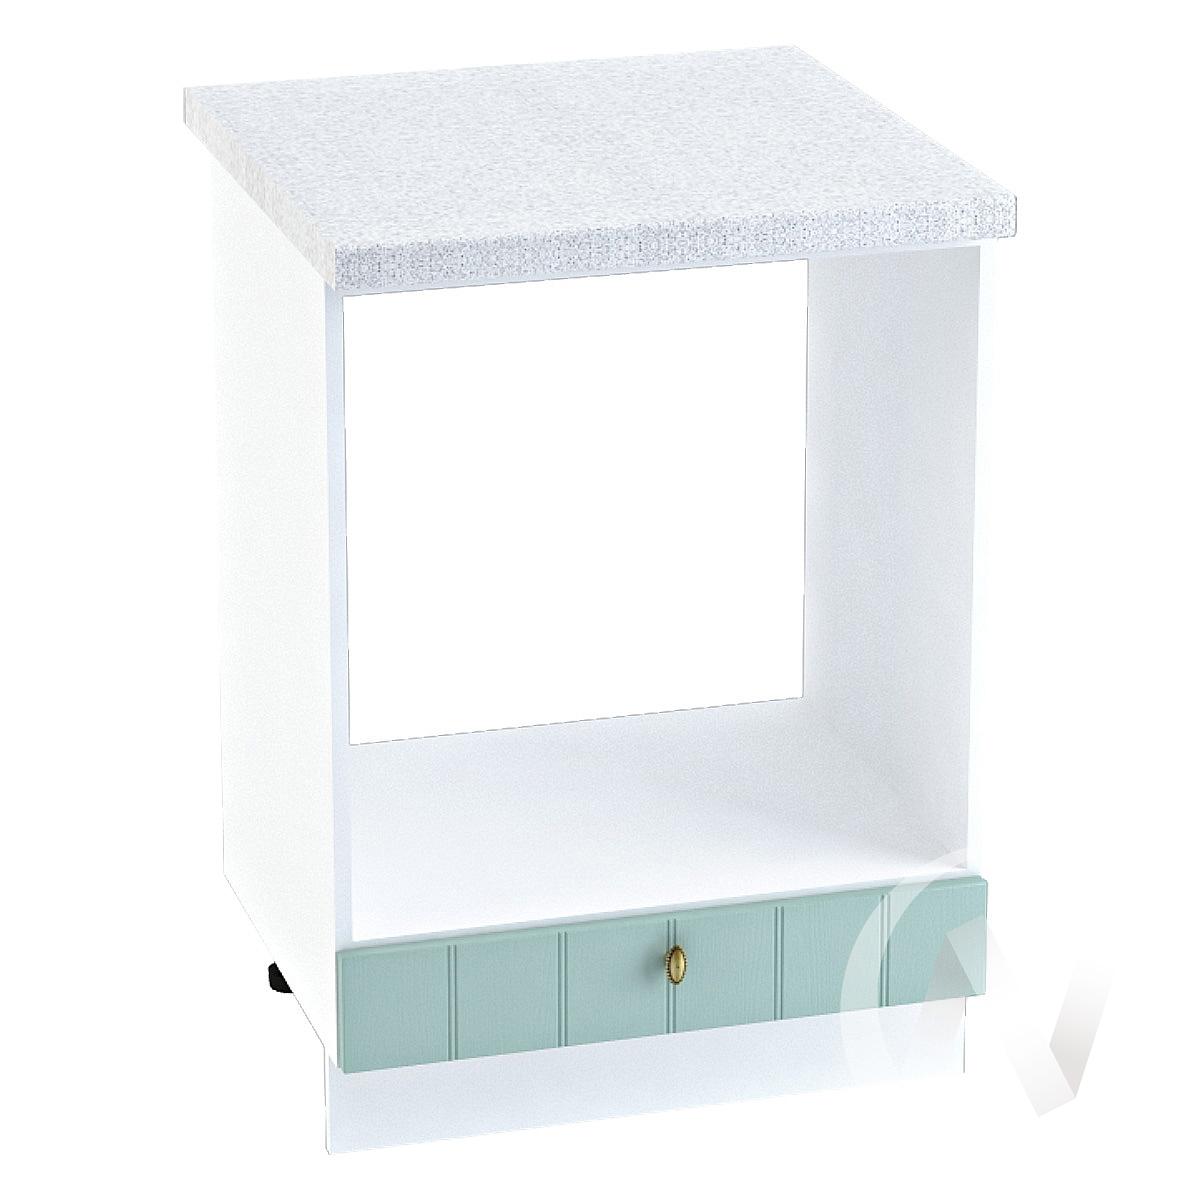 """Кухня """"Прованс"""": Шкаф нижний под духовку 600, ШНД 600 (голубой/корпус белый)"""